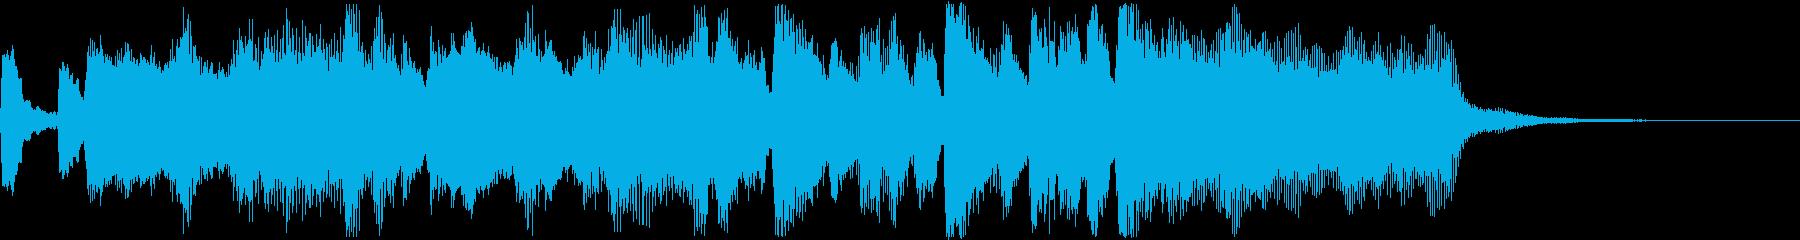 華やかなファンファーレ〜ゲームクリアなどの再生済みの波形